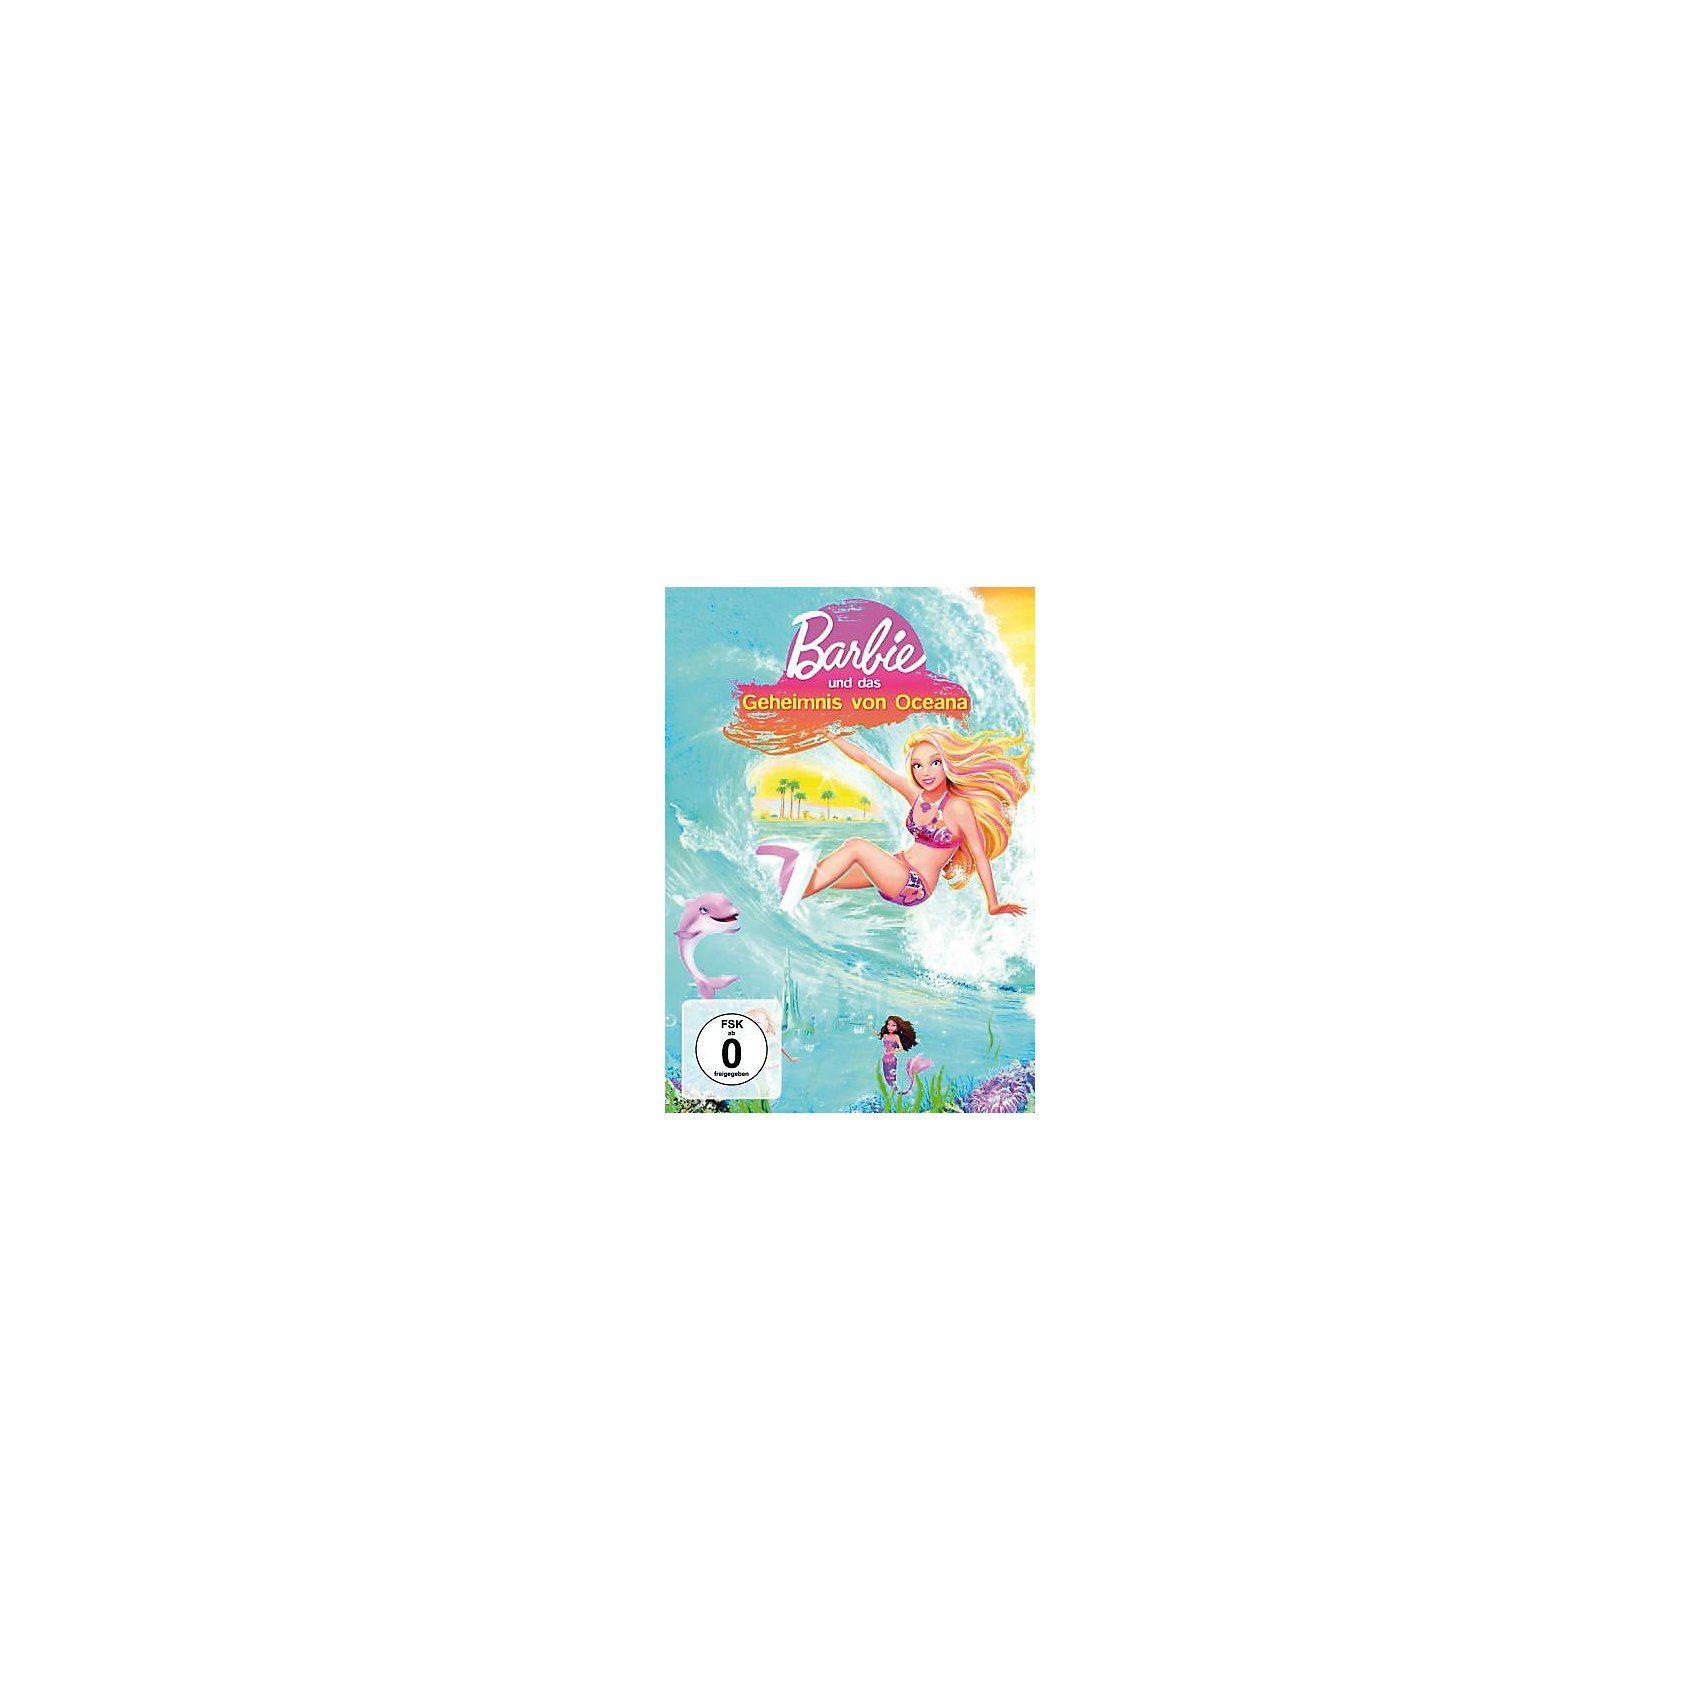 Universal DVD Barbie und Das Geheimis von Oceana